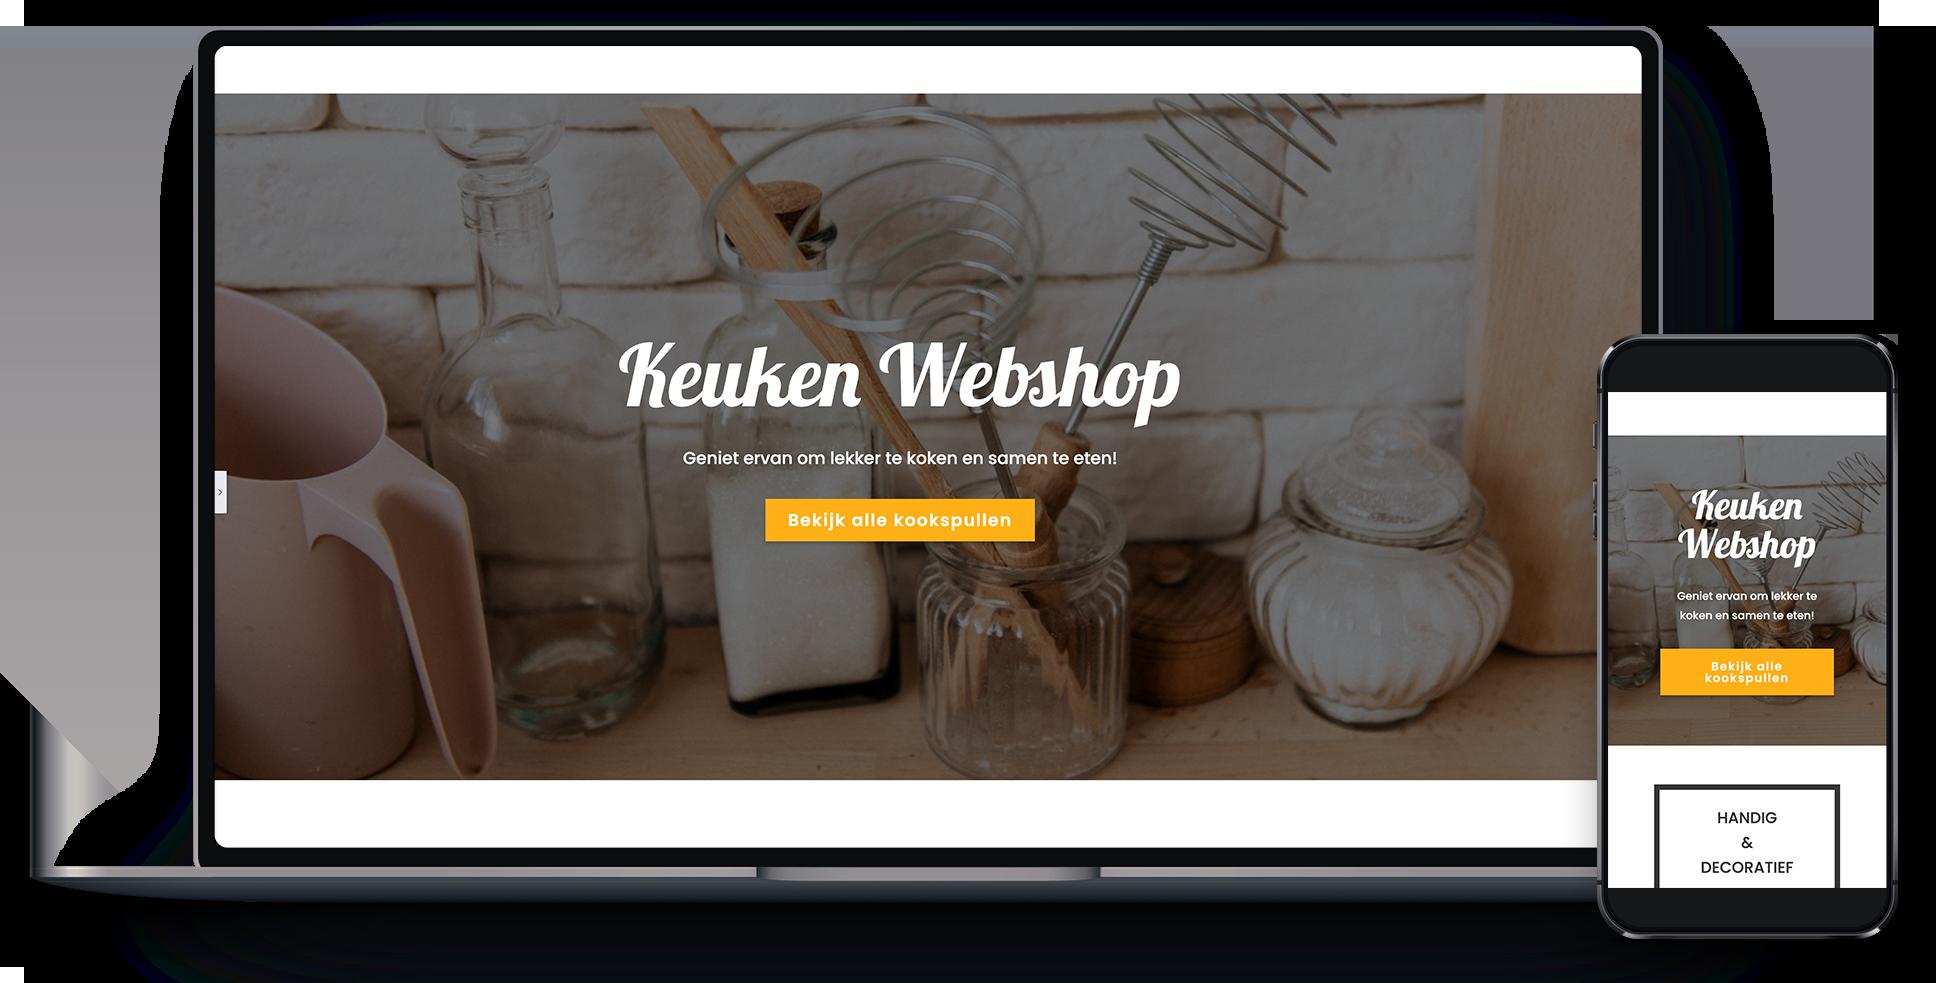 Keuken webshop